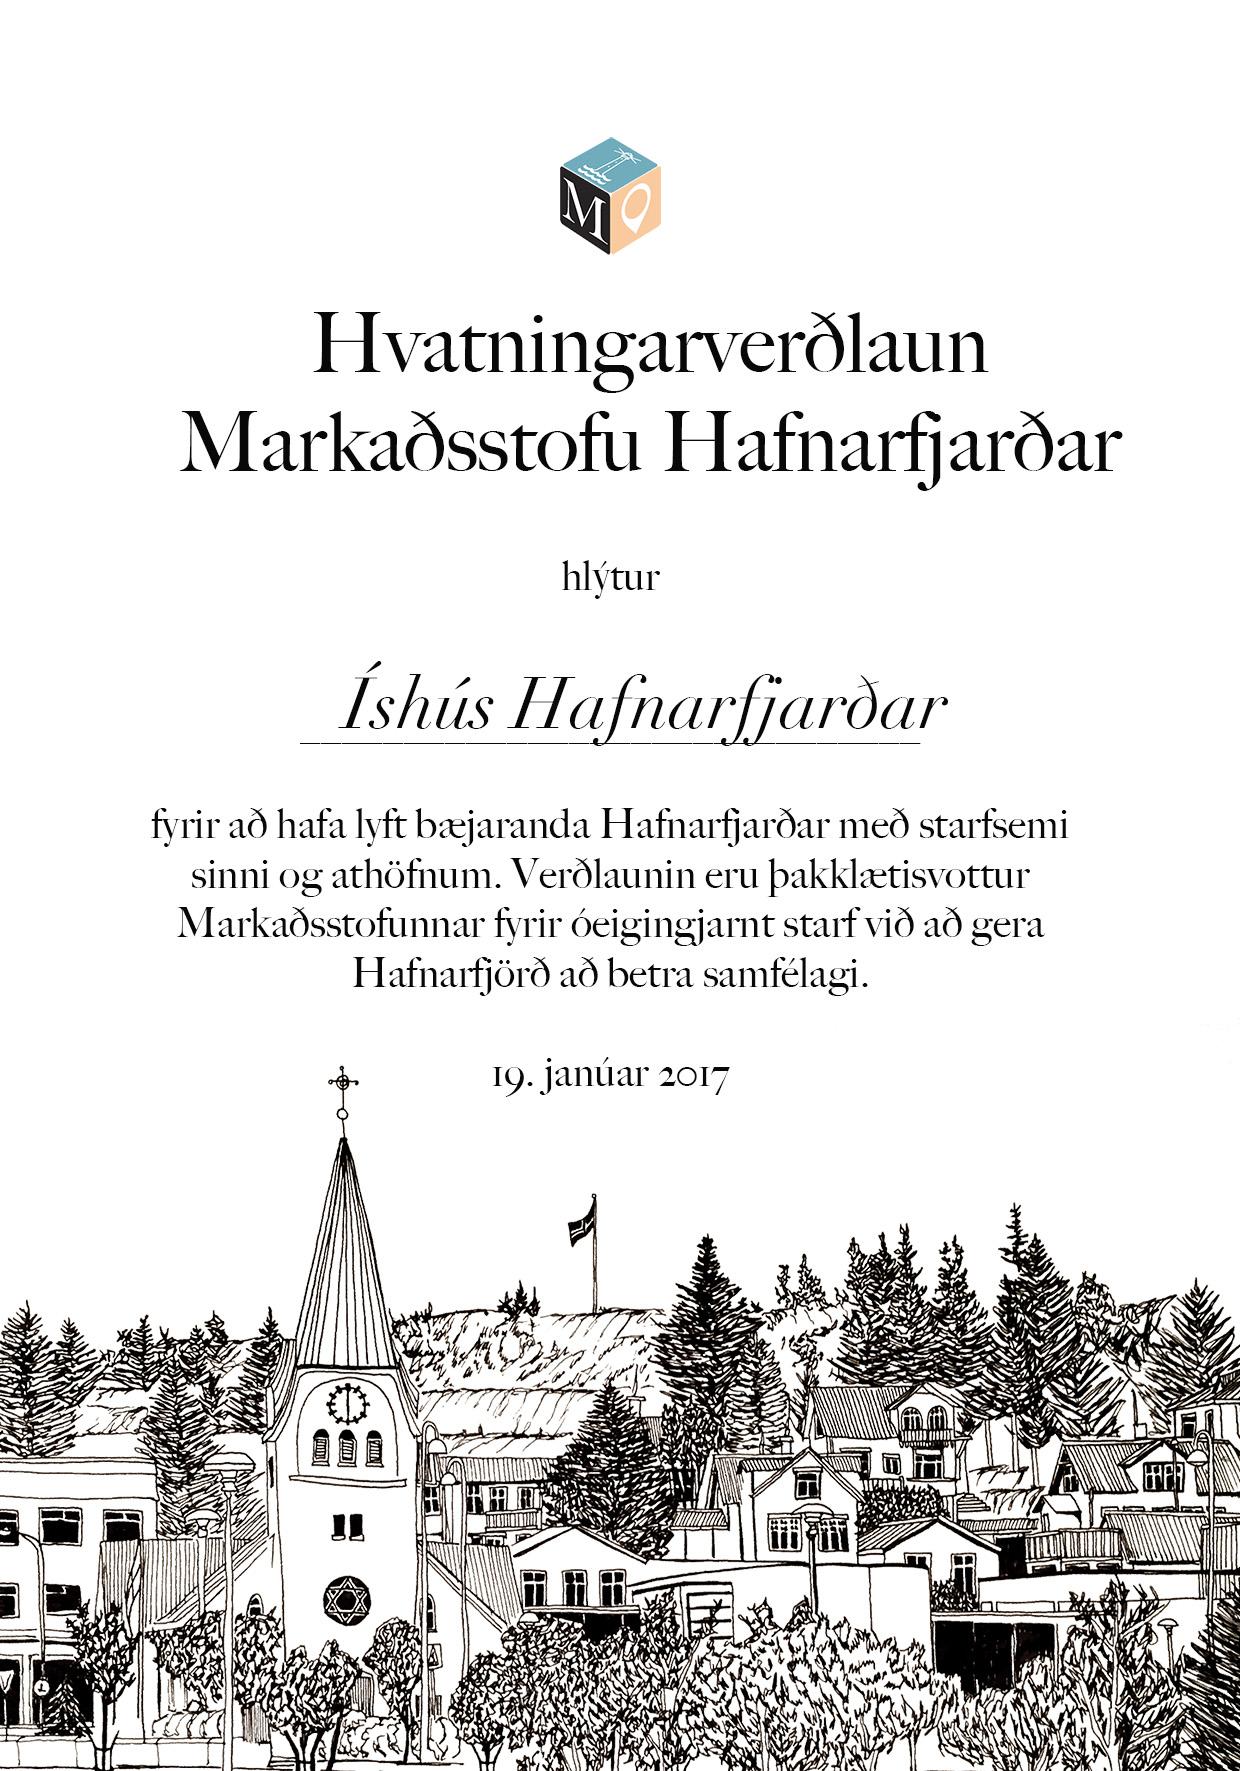 MSH_viðurkenning Ishus Hafnarfjarðar.jpg